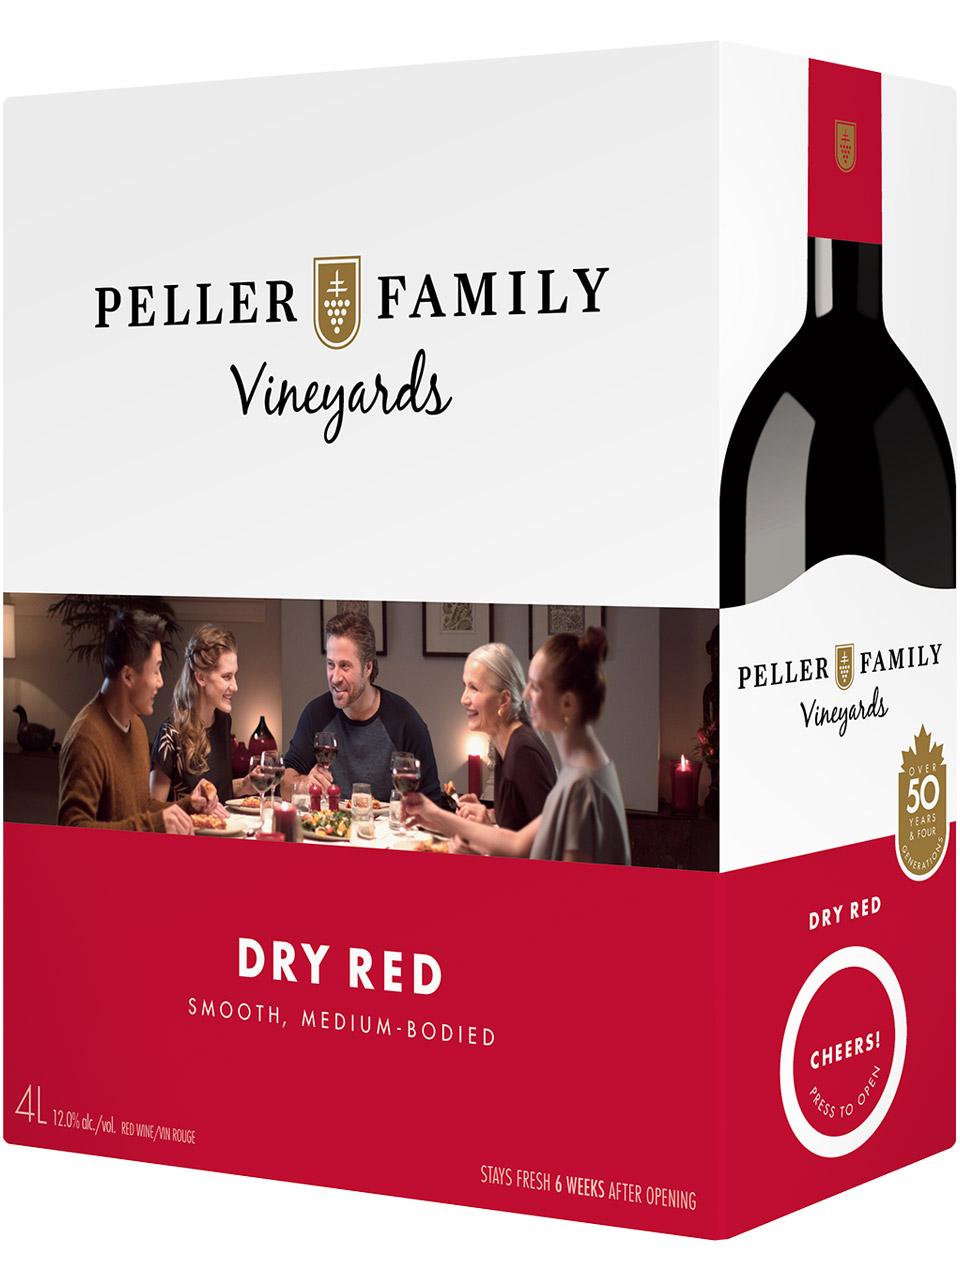 Peller Family Vineyards Dry Red